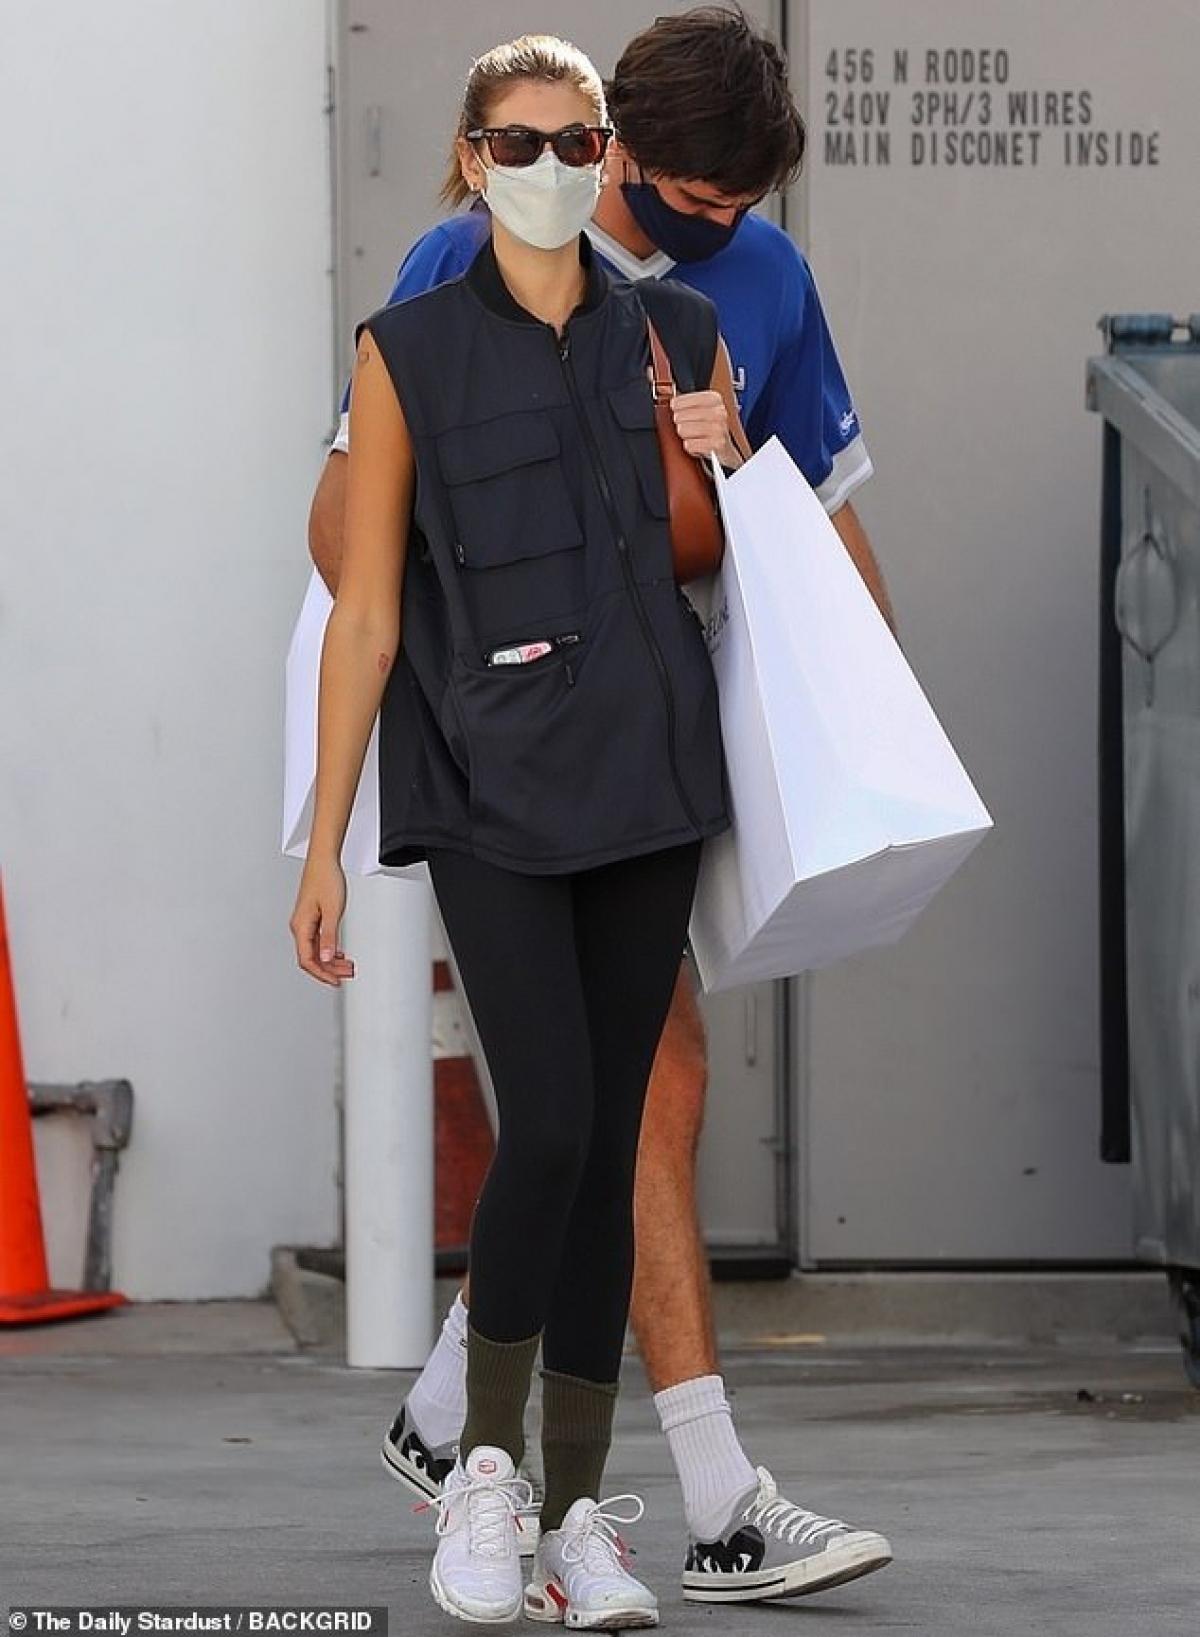 Kaia Gerber hiện là một trong những người mẫu nổi tiếng nhất hiện nay.